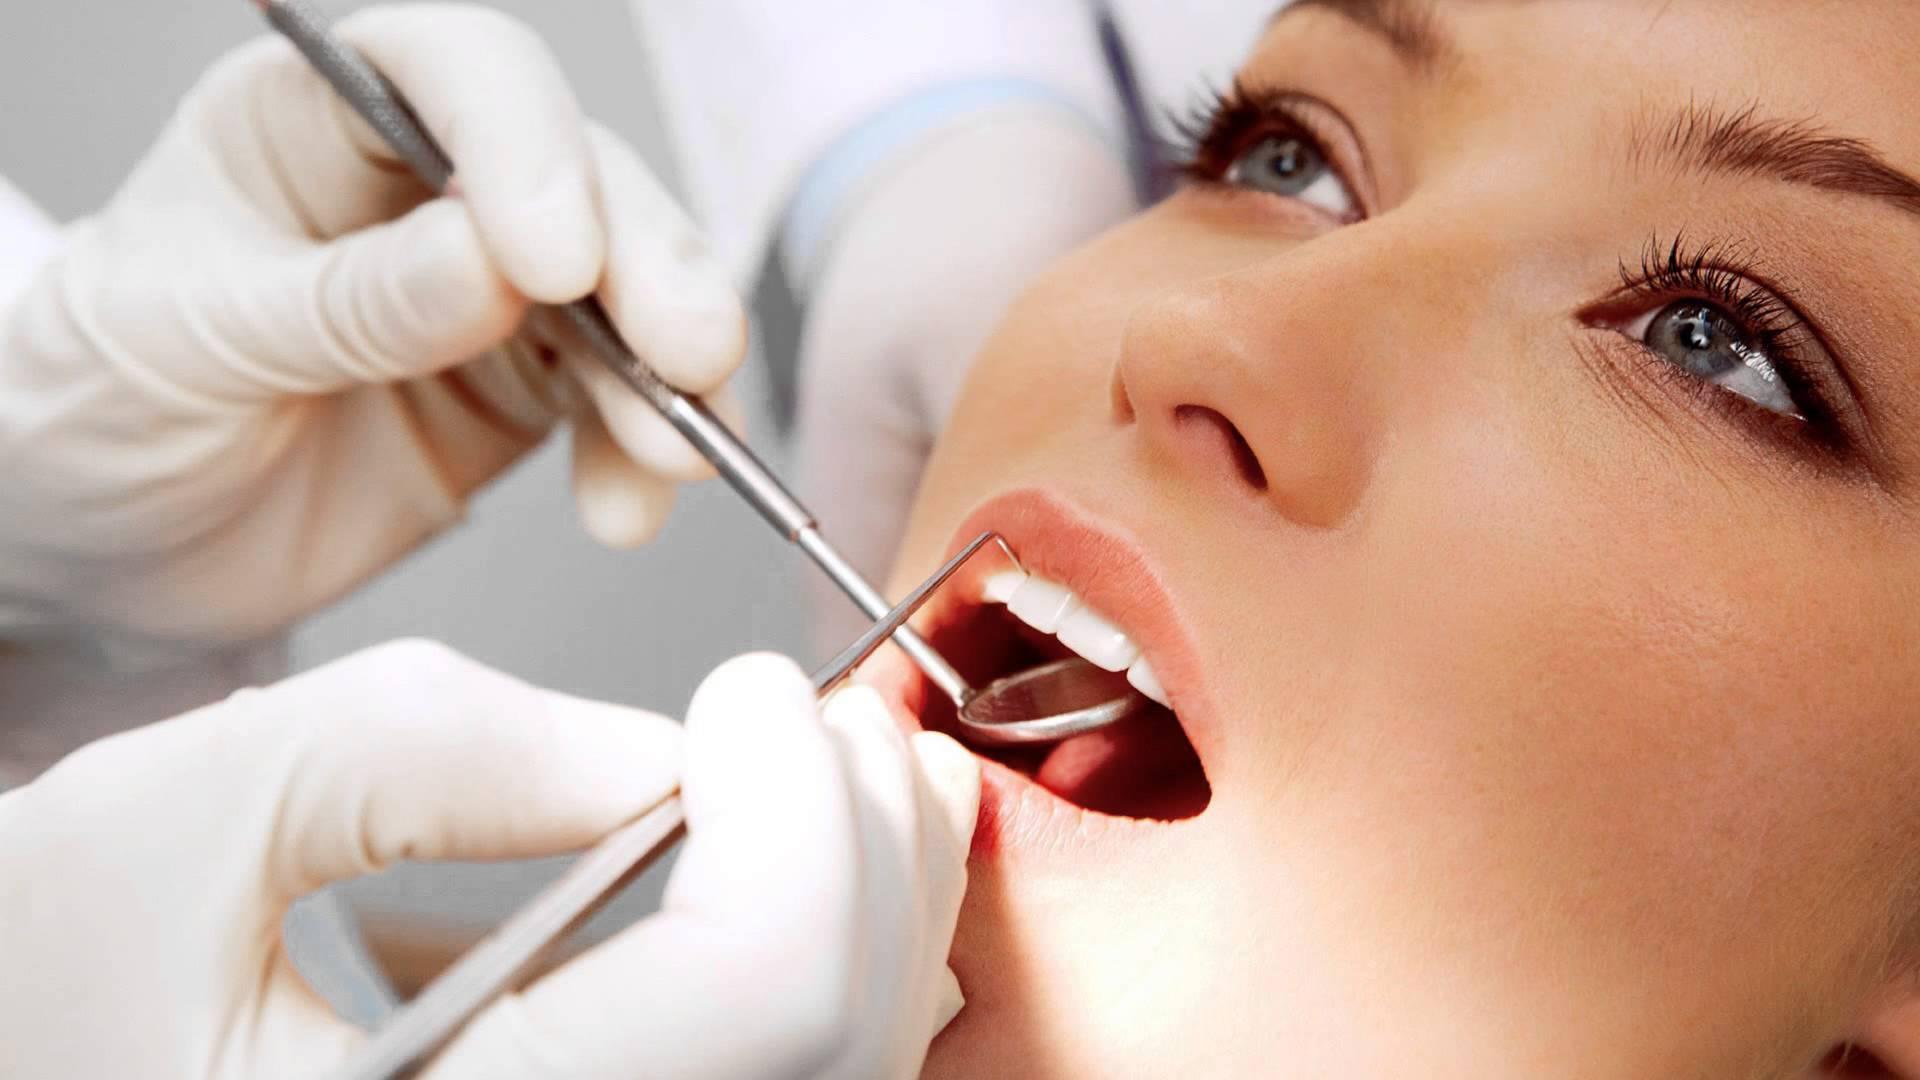 Visita la Clínica Dental Cuadrado y tendrás una primera consulta ideal